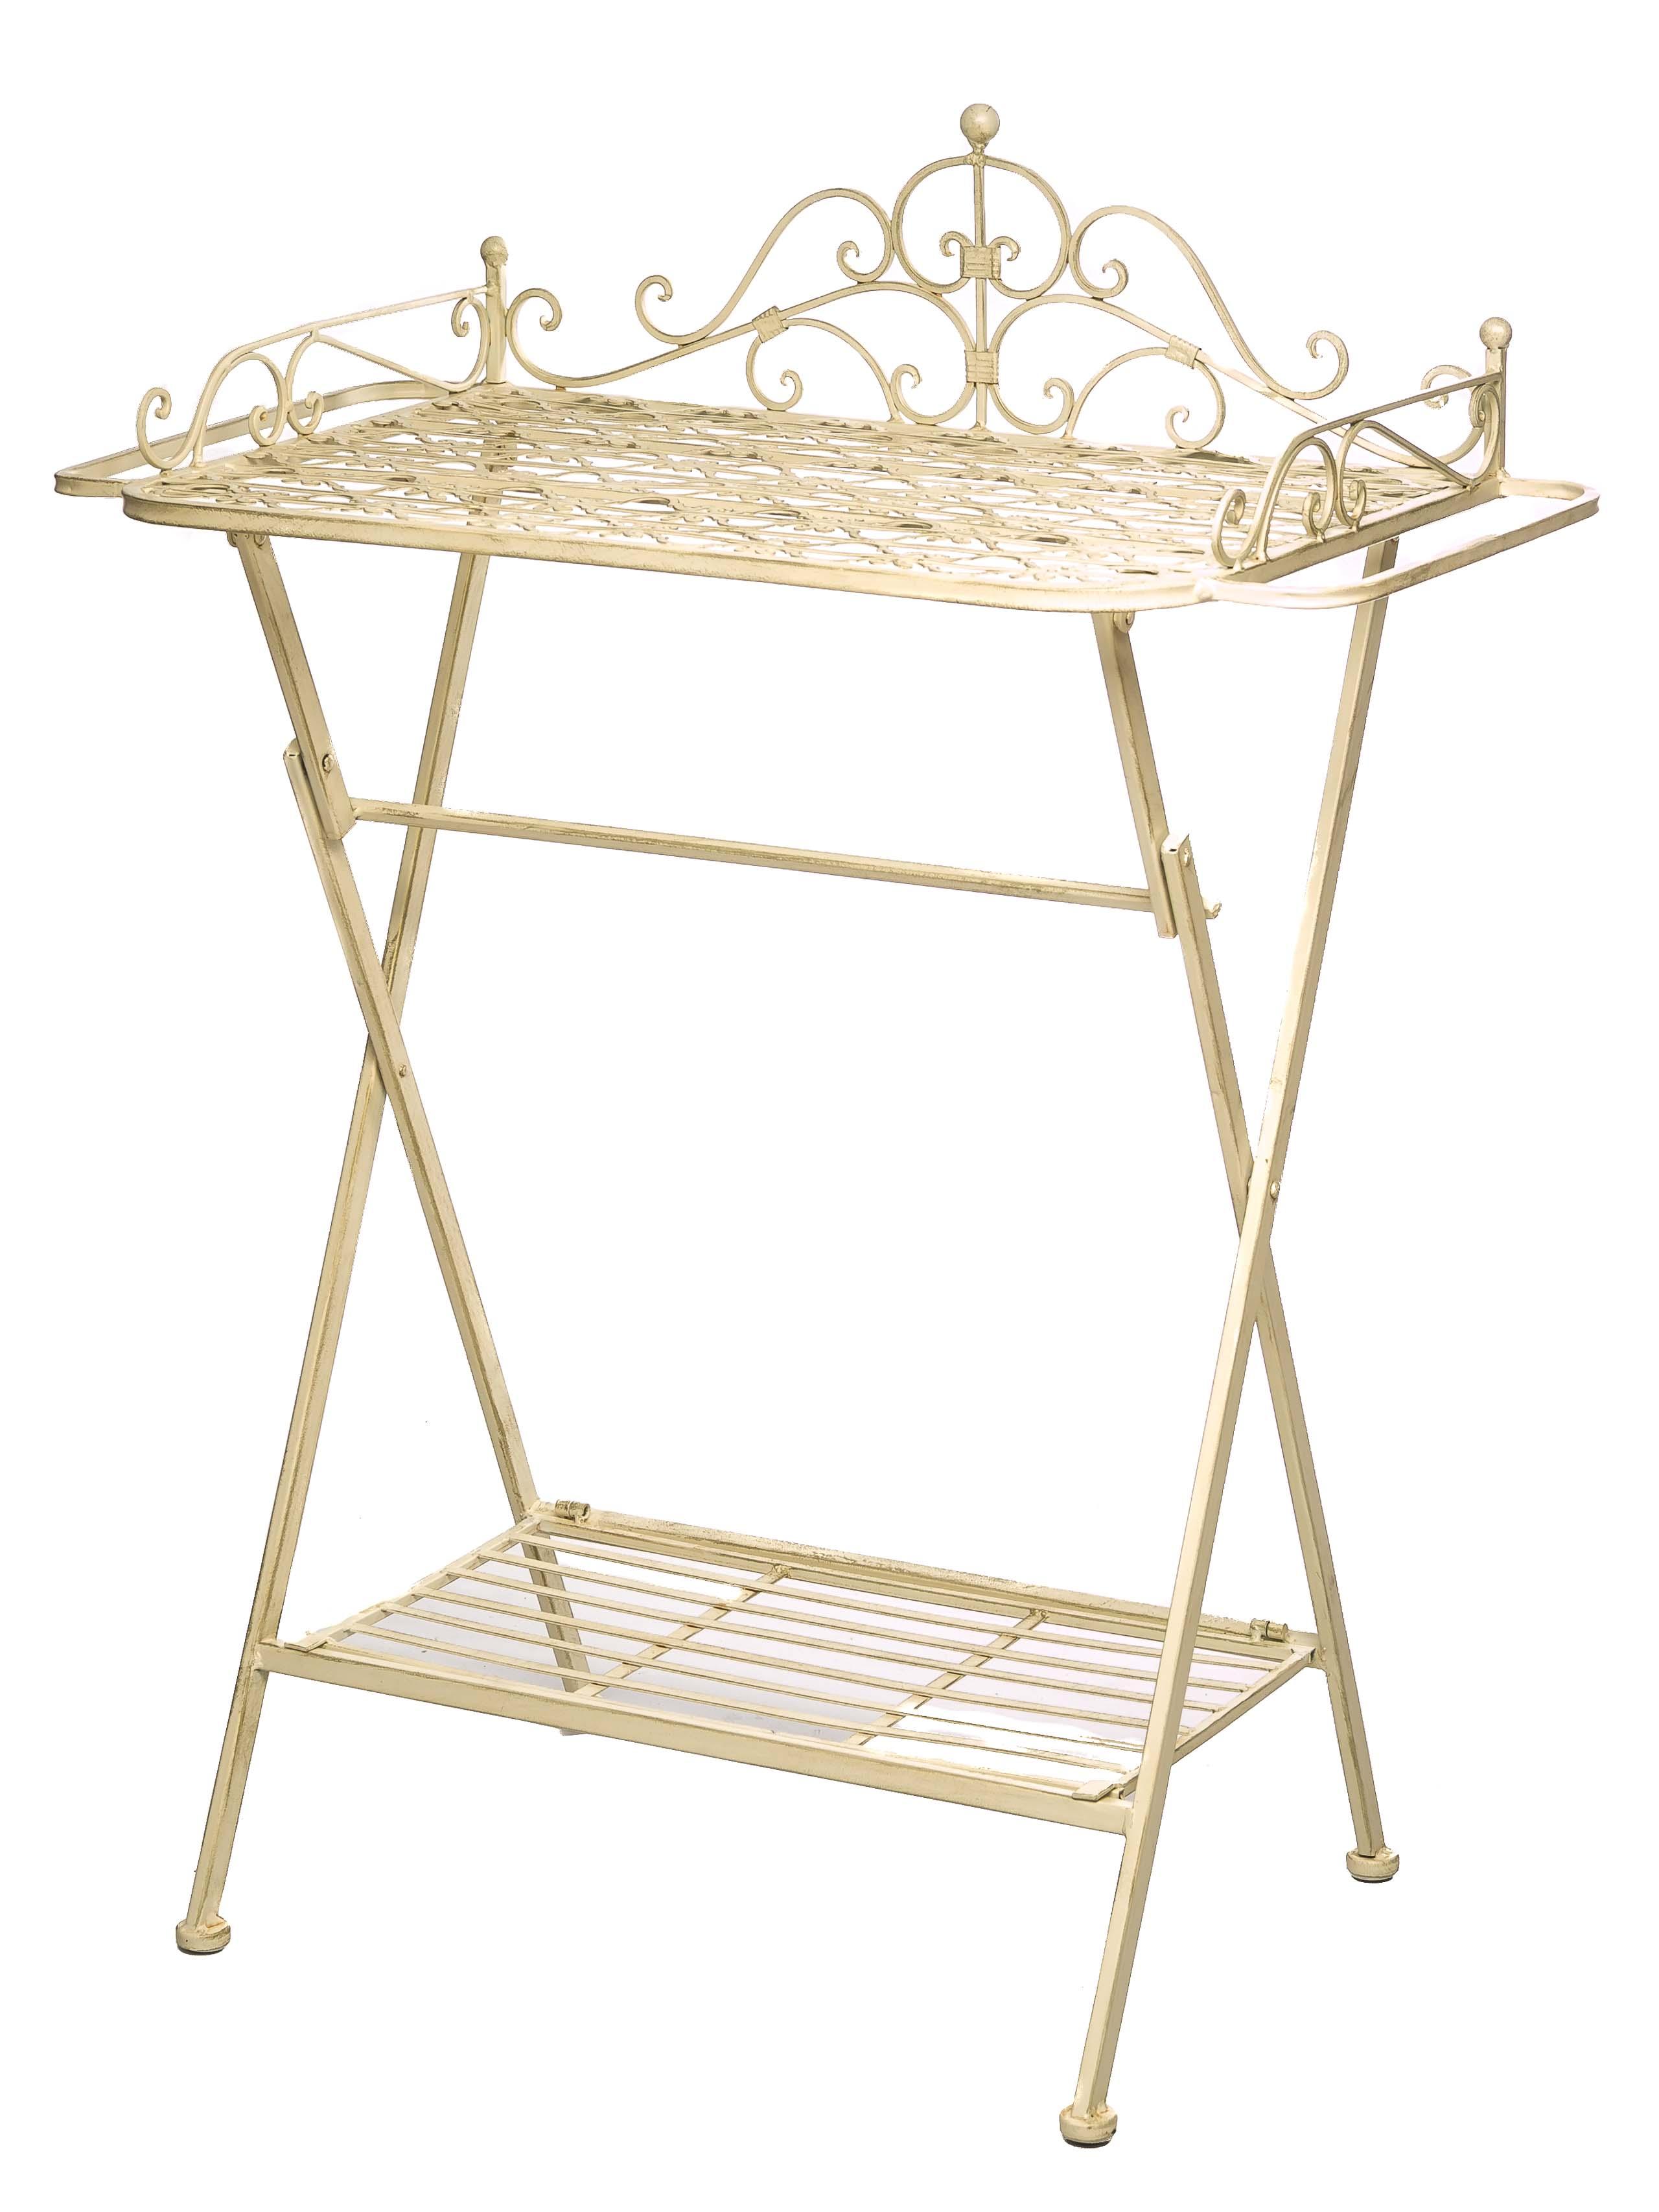 aubaho 2x Butlers tray trolley garden table iron garden folding table table garden